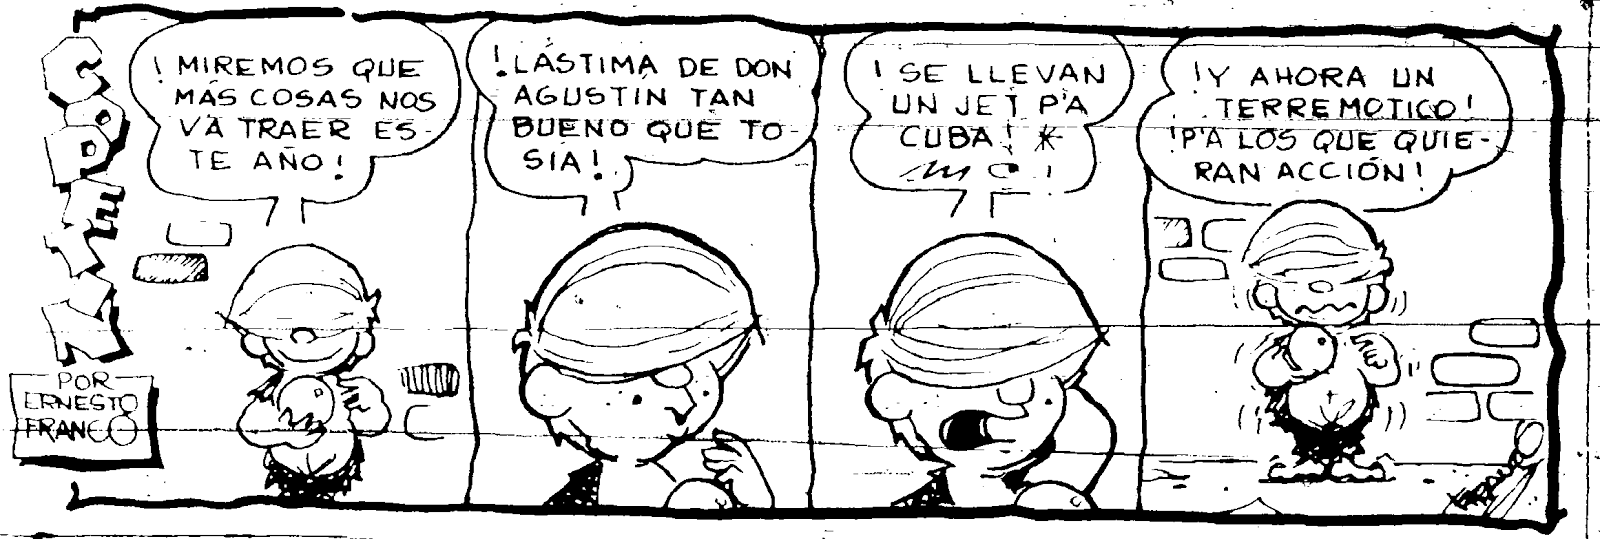 Historia del comic en colombia